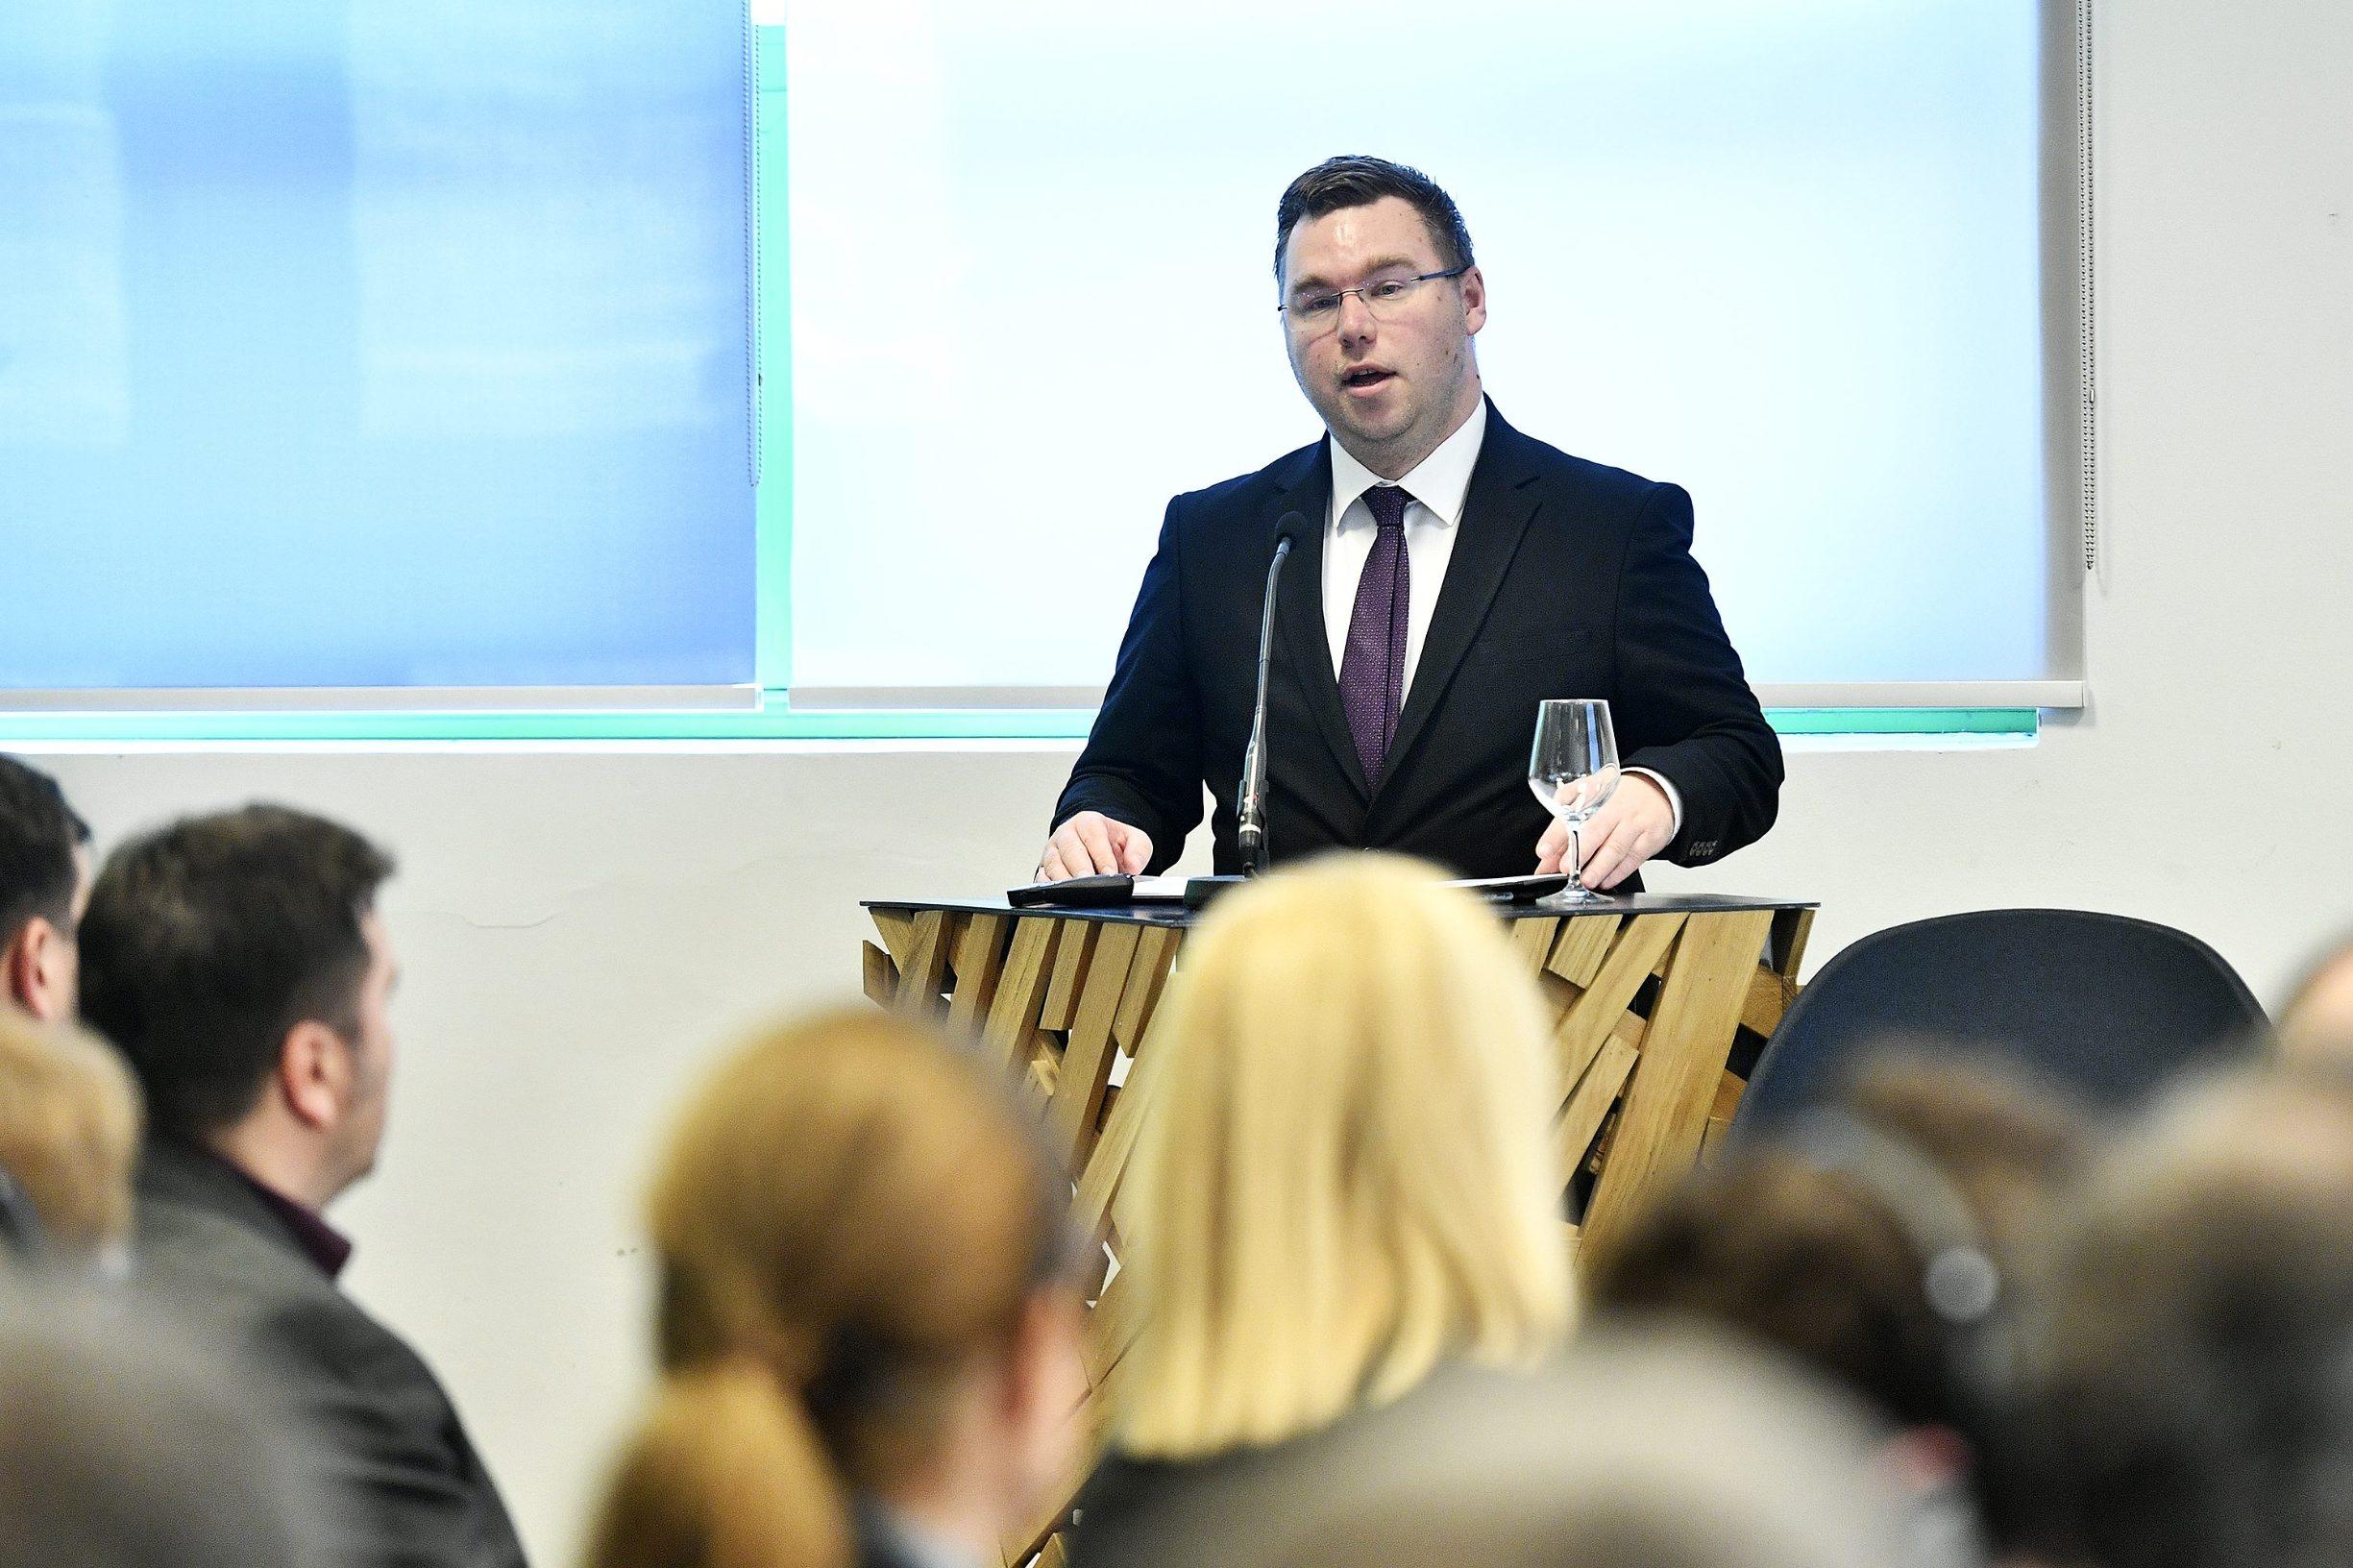 Marko Pavić na konferenciji Ravnopravnost je bolja za sve